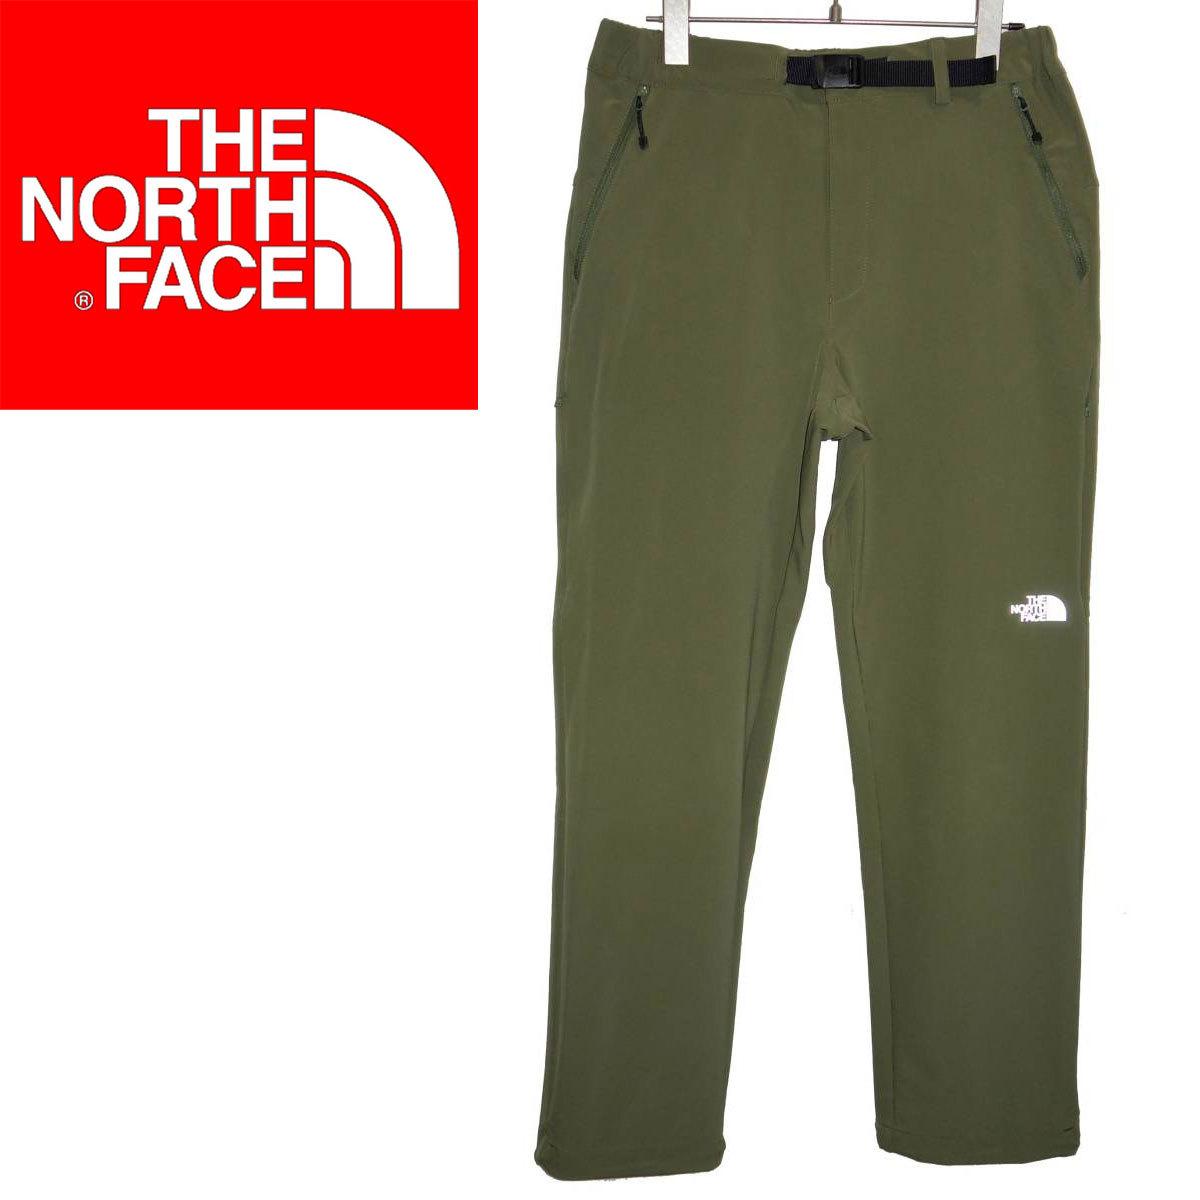 お買取り商品ノースフェイスTHENORTHFACE新品同様バーブパンツNB32006トレッキングパンツVerb pantsカーキSアウトドアウェアー